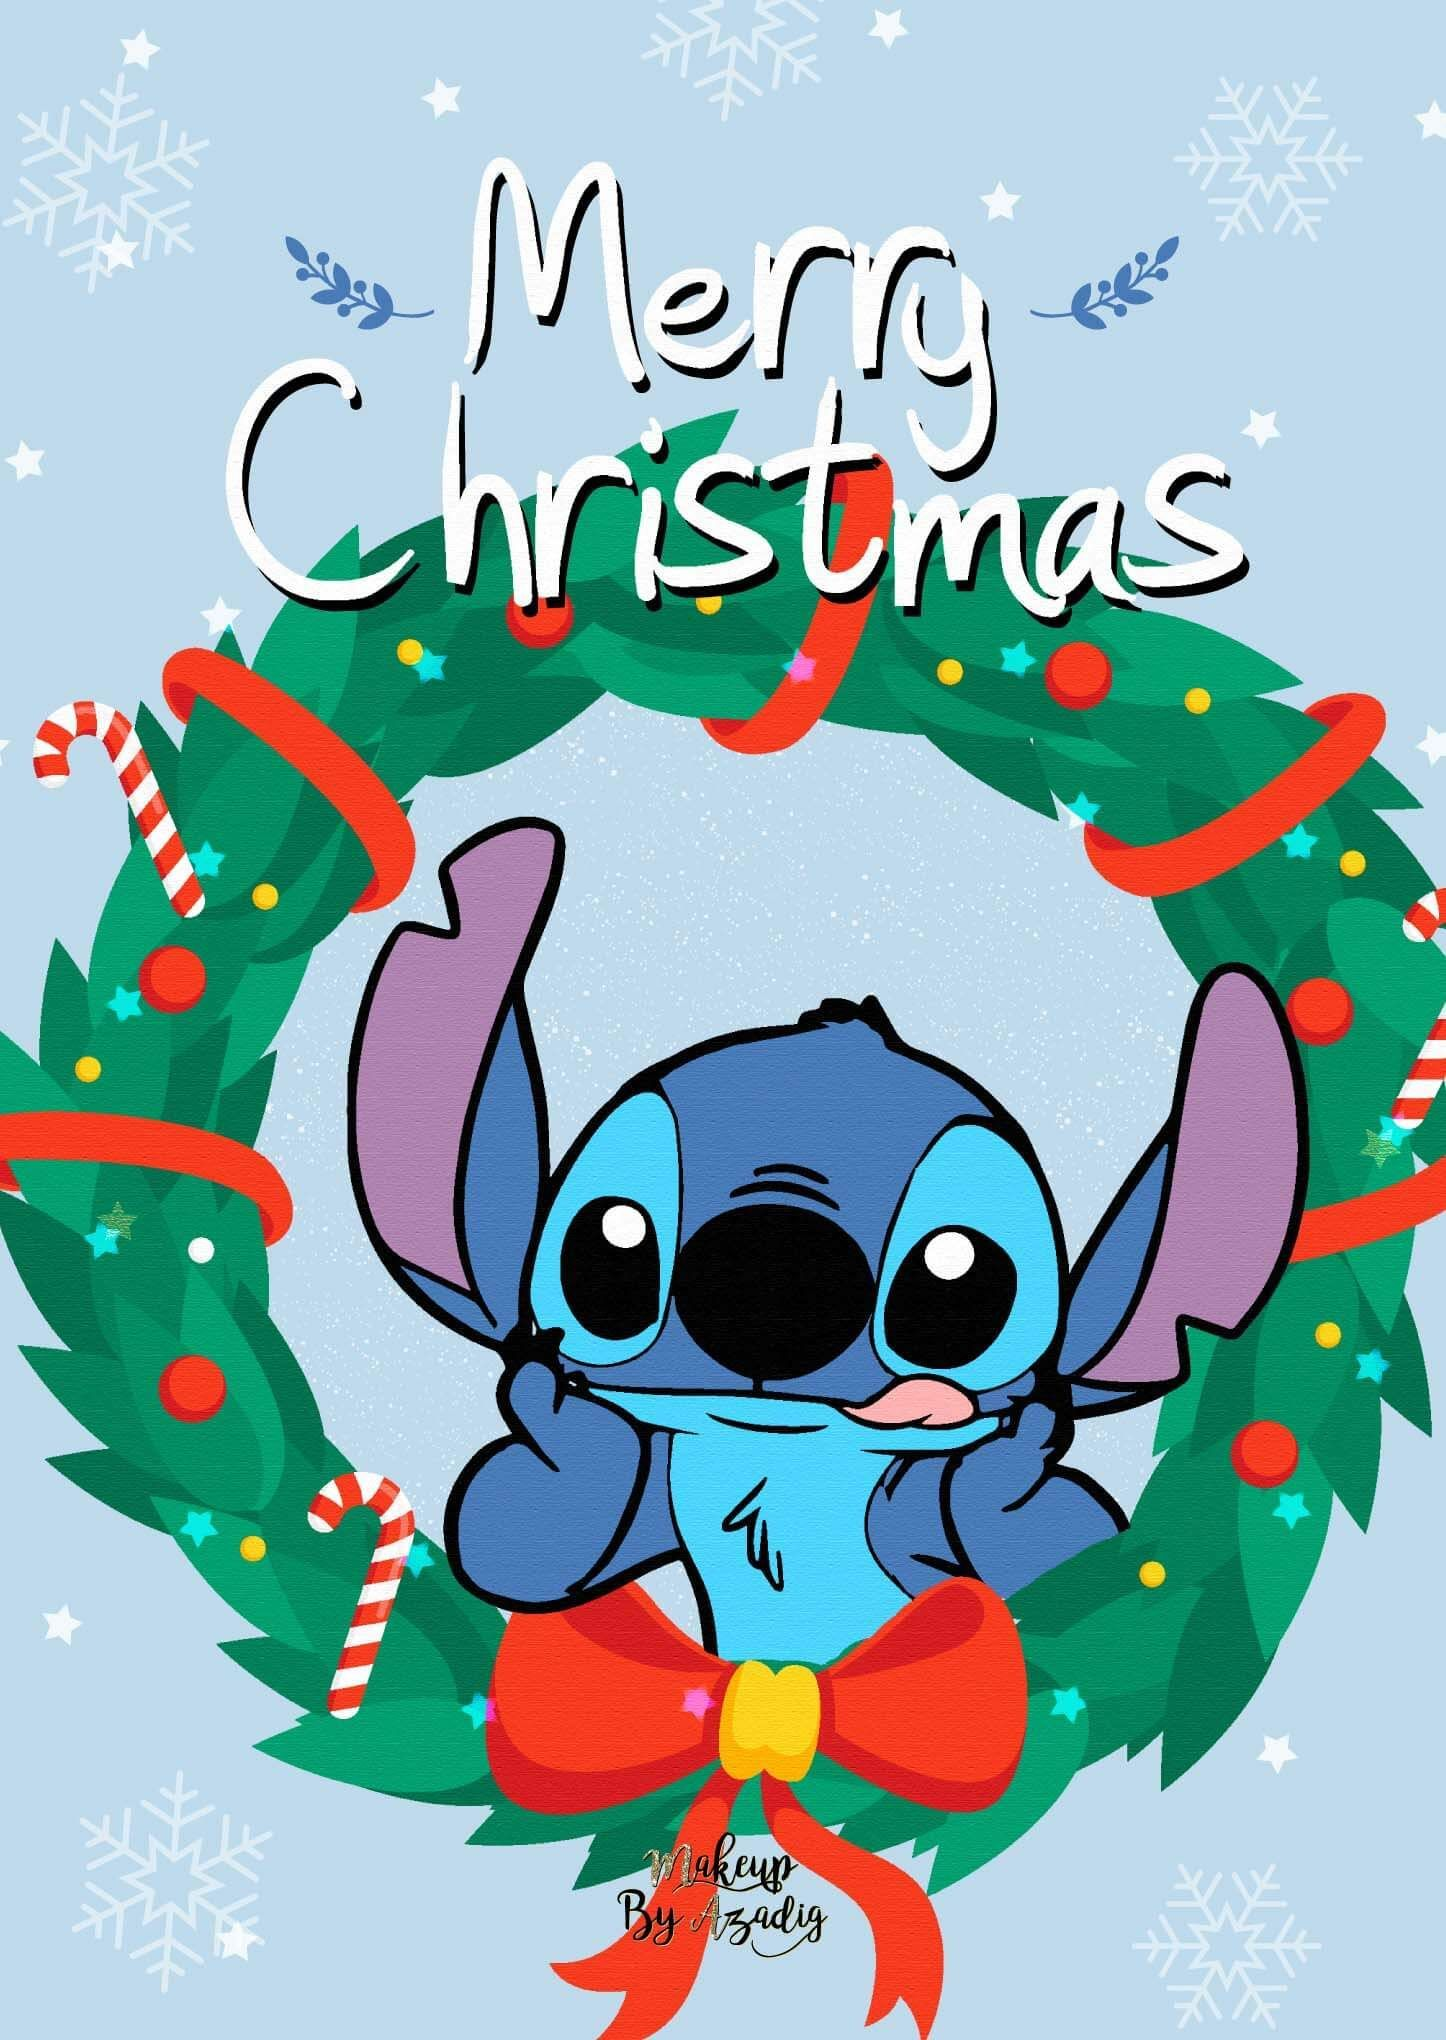 Lilo And Stitch Christmas Wallpaper : stitch, christmas, wallpaper, D'écran, Disney, Stitch, Christmas, Ecran, Wallpaper, Iphone, Christmas,, Wallpaper,